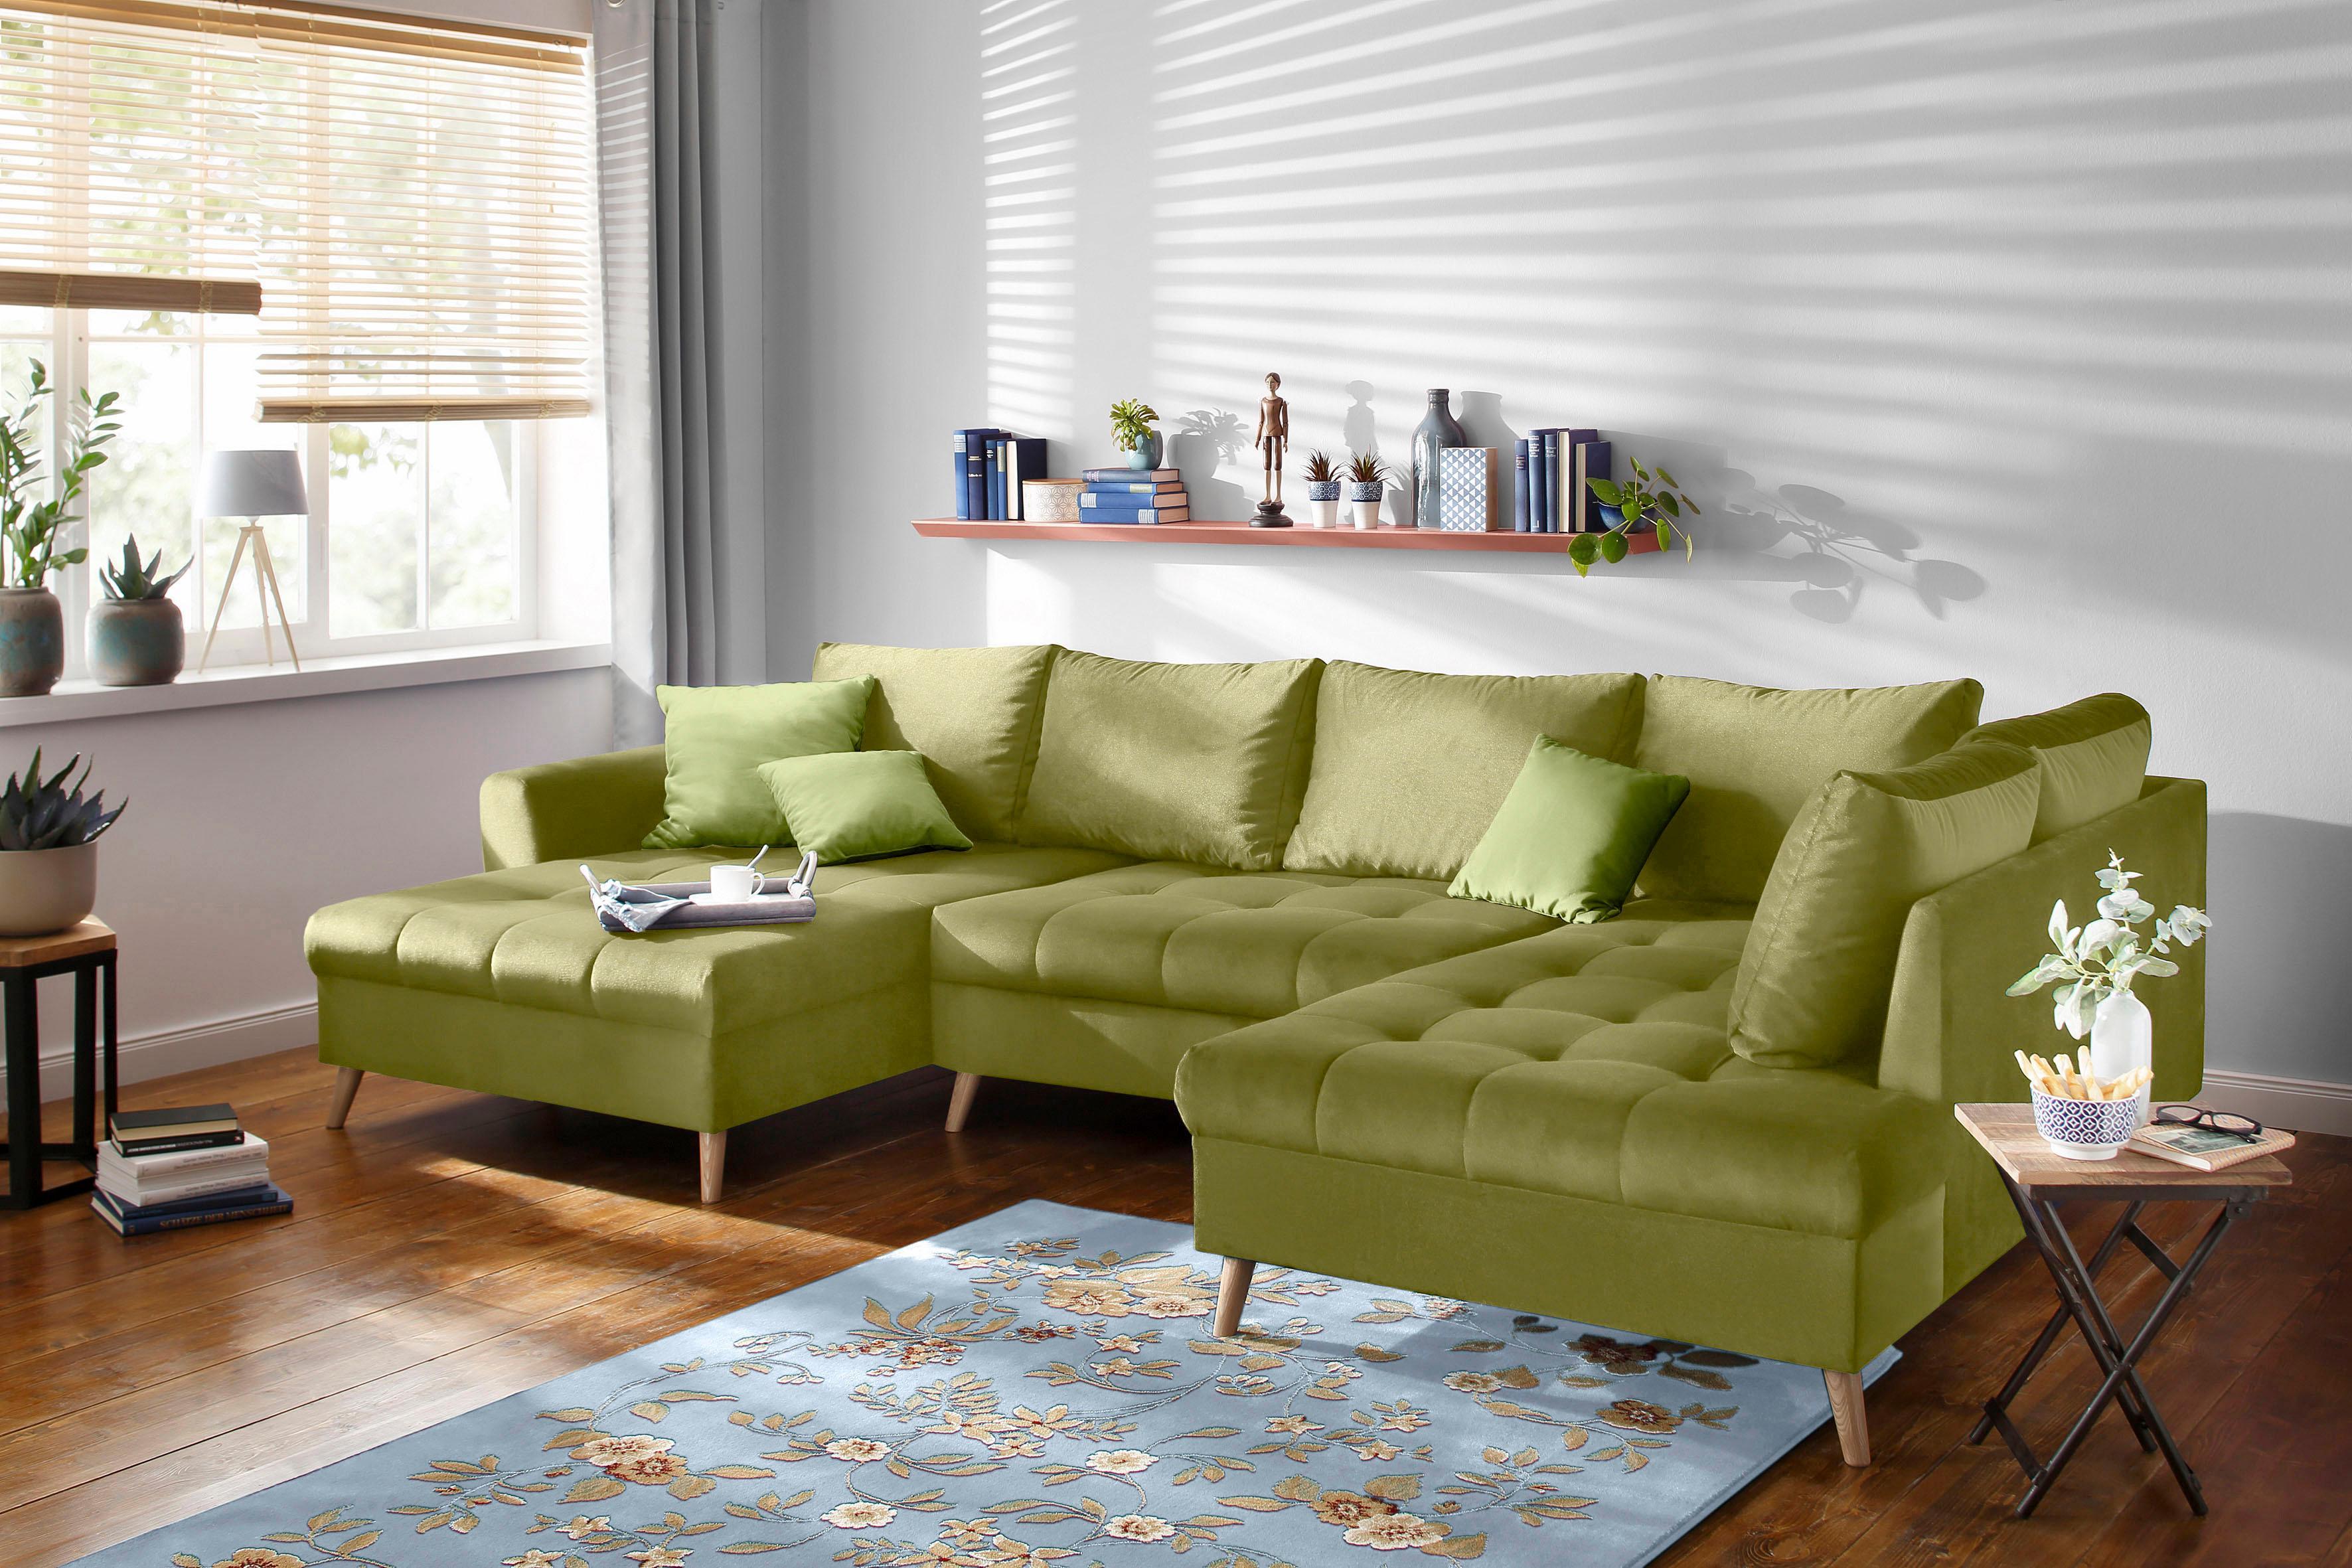 Home affaire Wohnlandschaft »Penelope« | Wohnzimmer > Sofas & Couches > Wohnlandschaften | Grün | home affaire